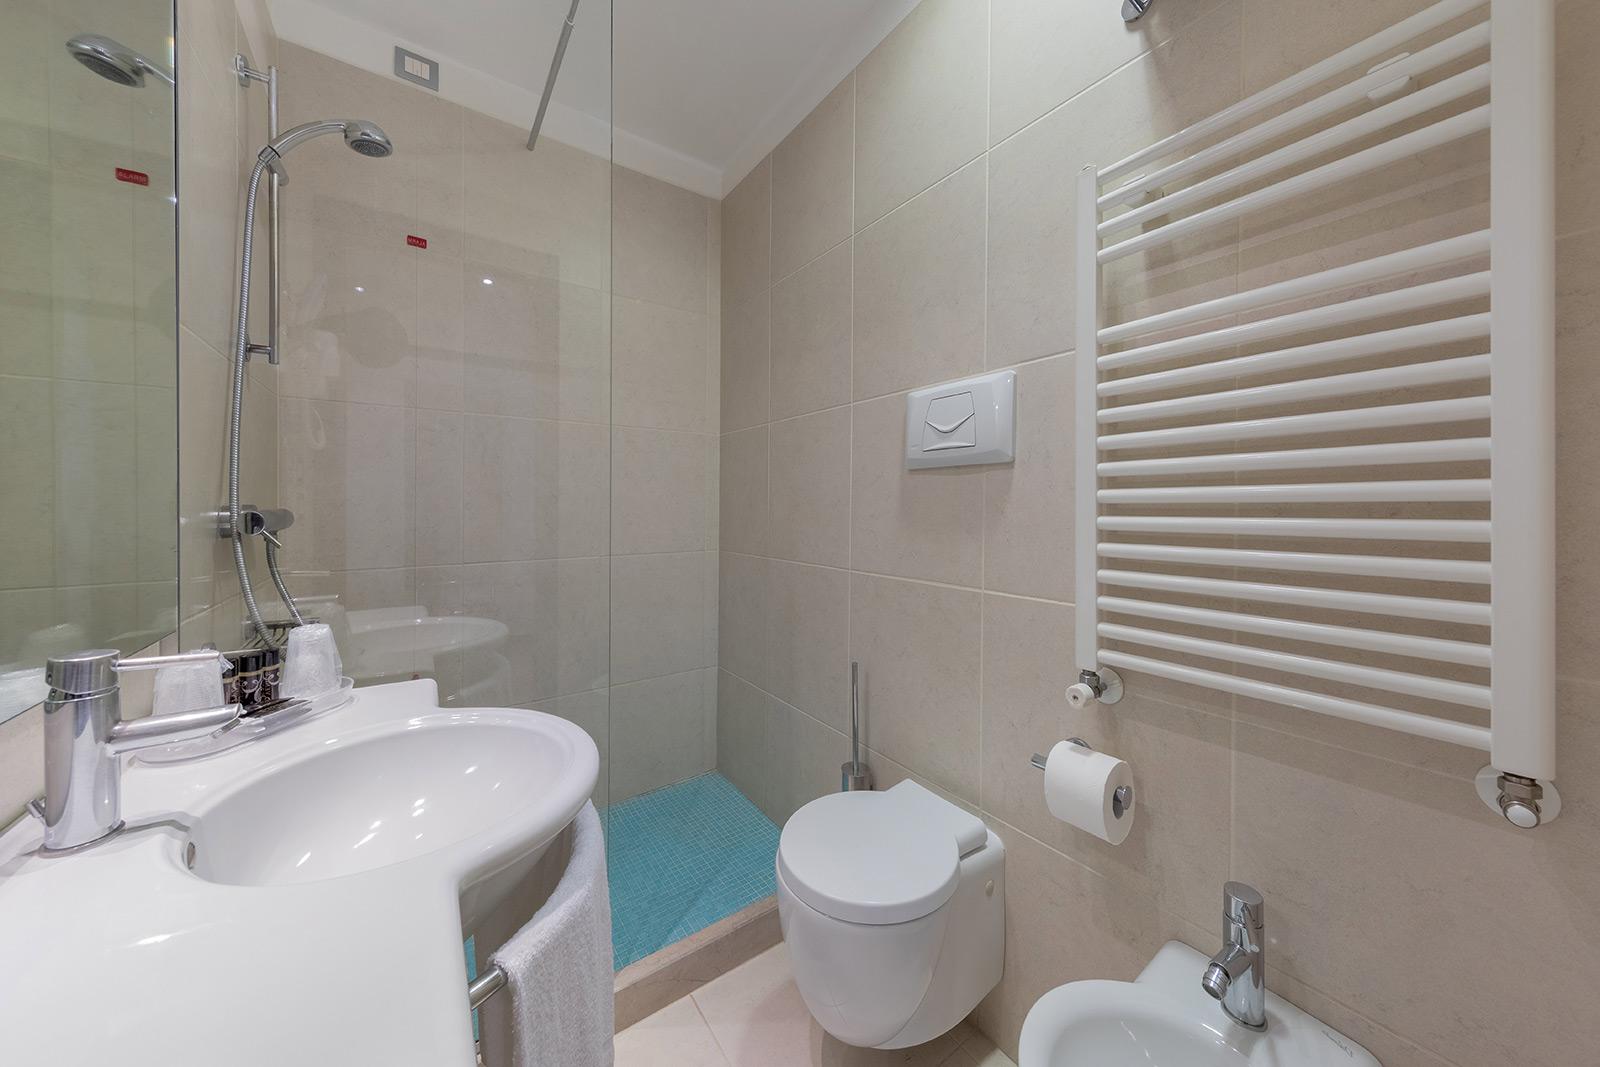 bagno-hotel-delfino-venezia